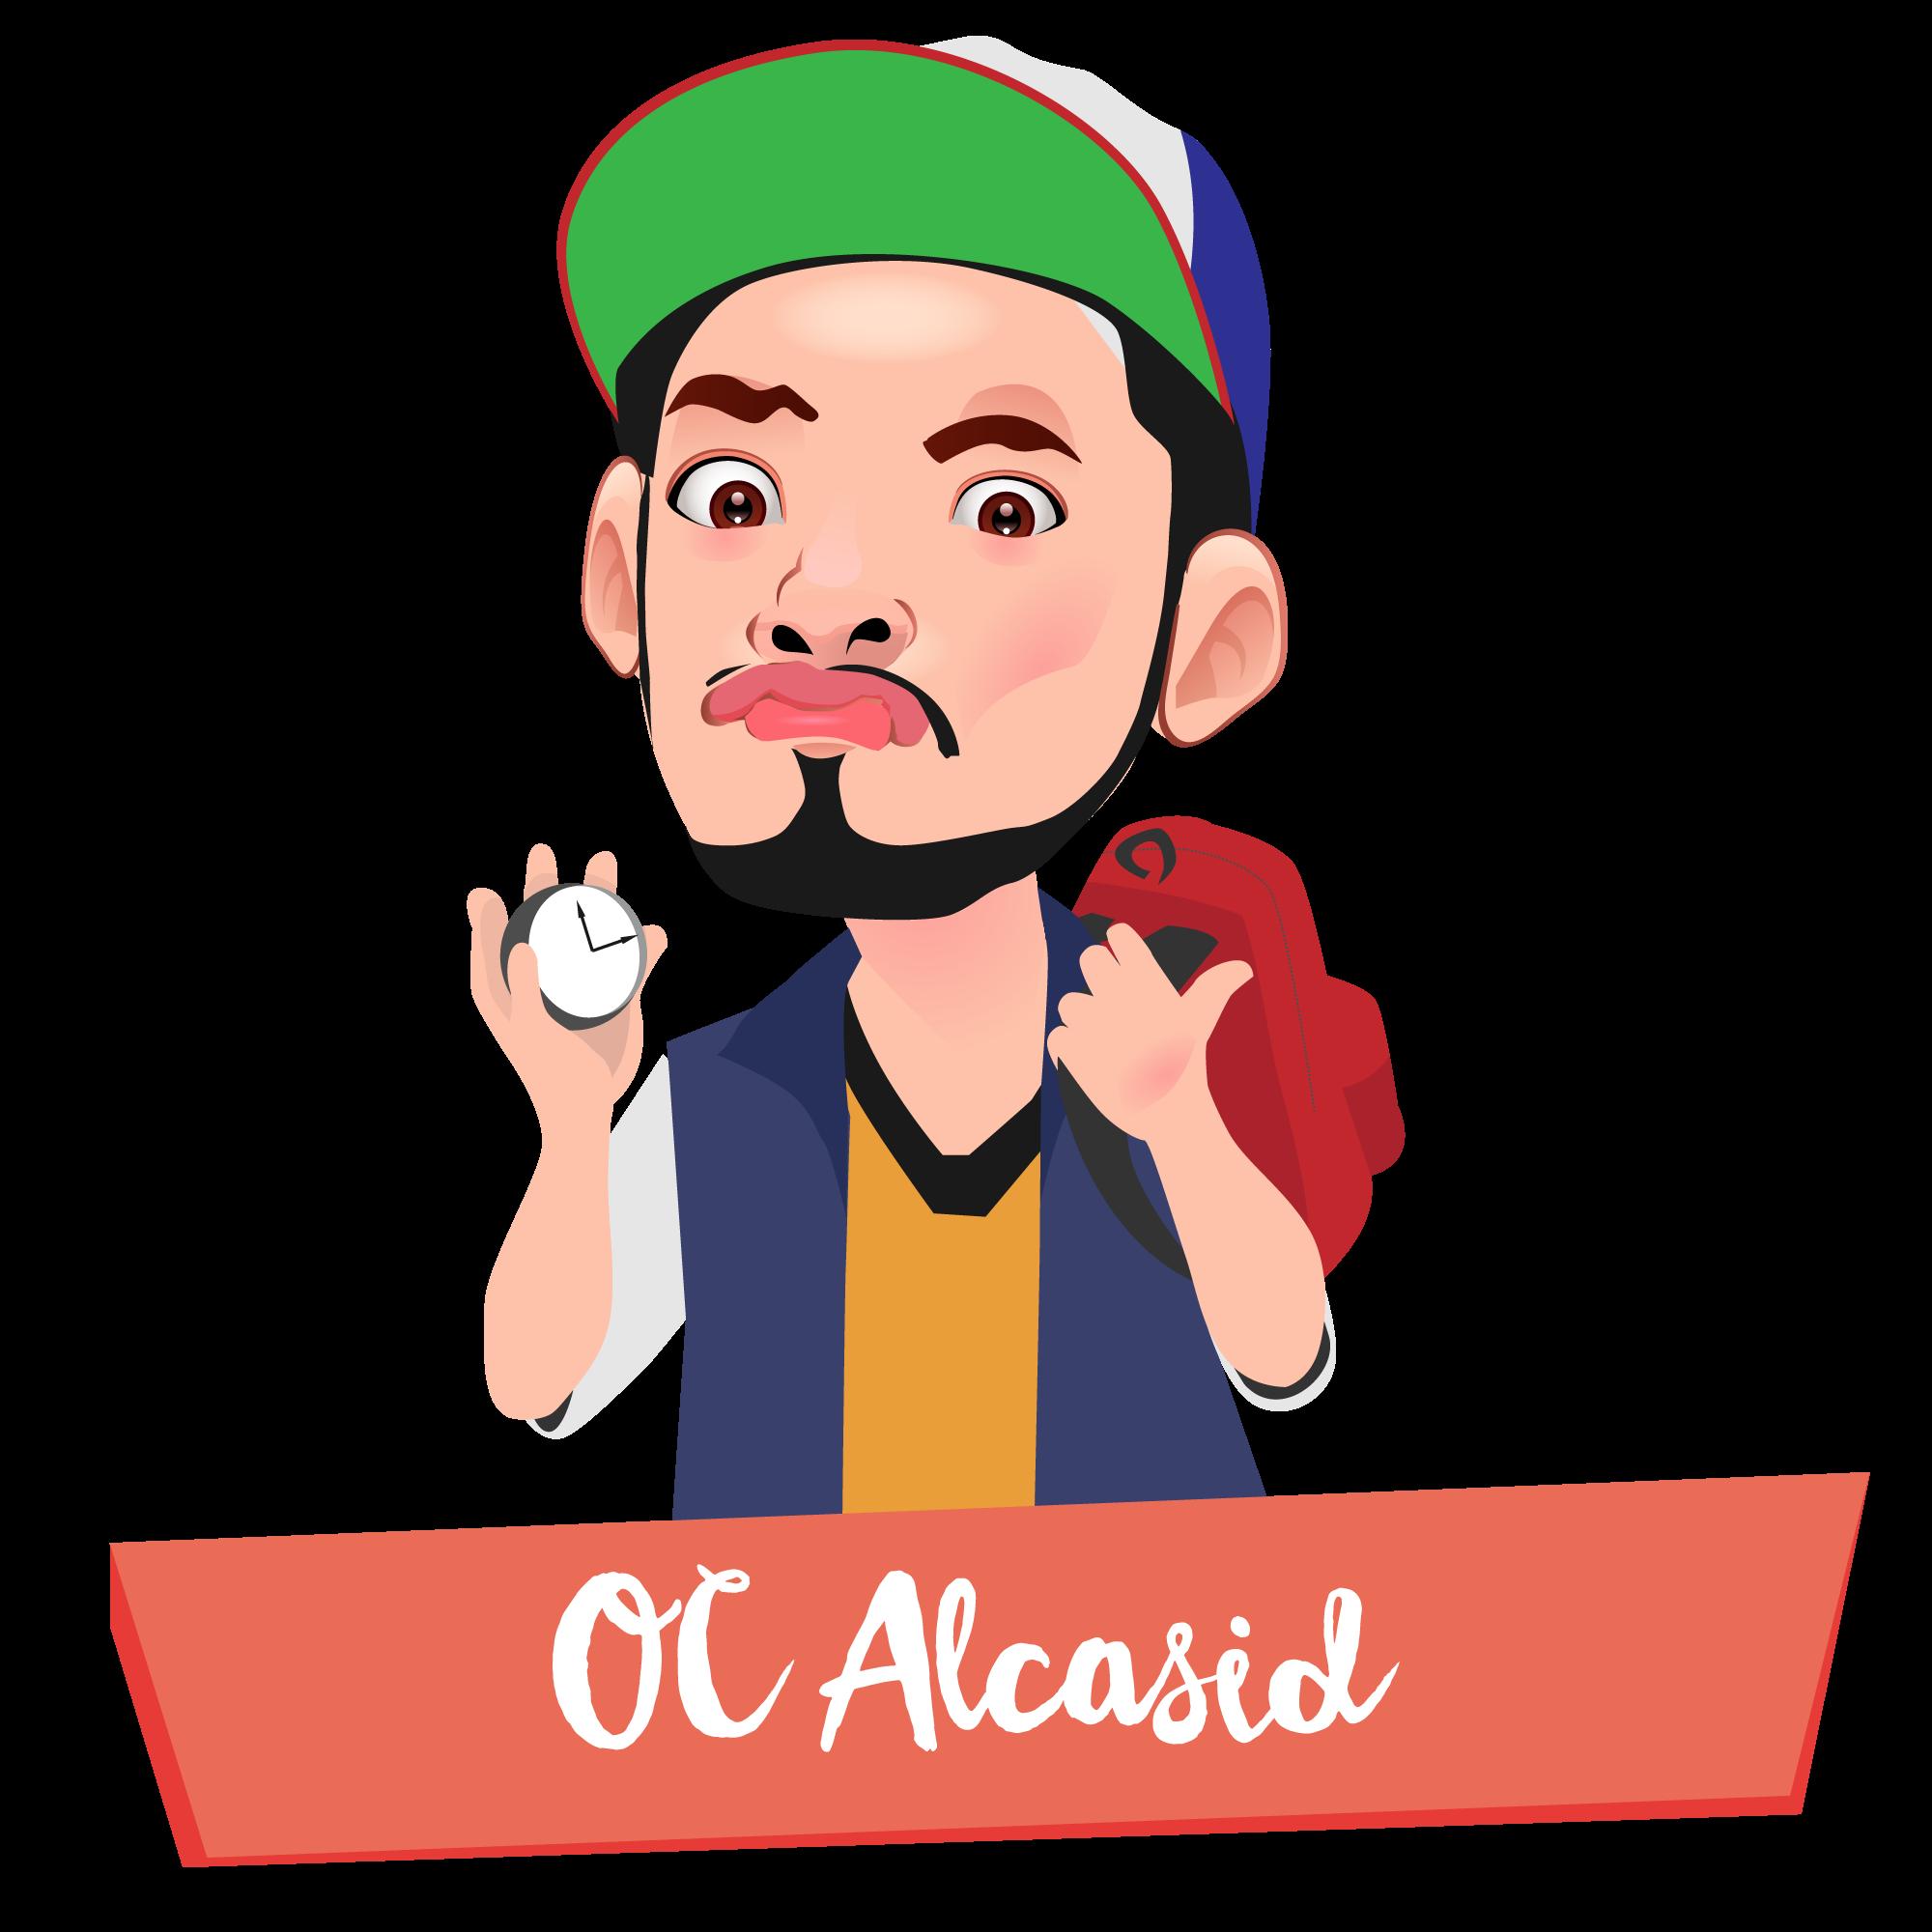 10 Uri ng Empleyado_OC Alcasid